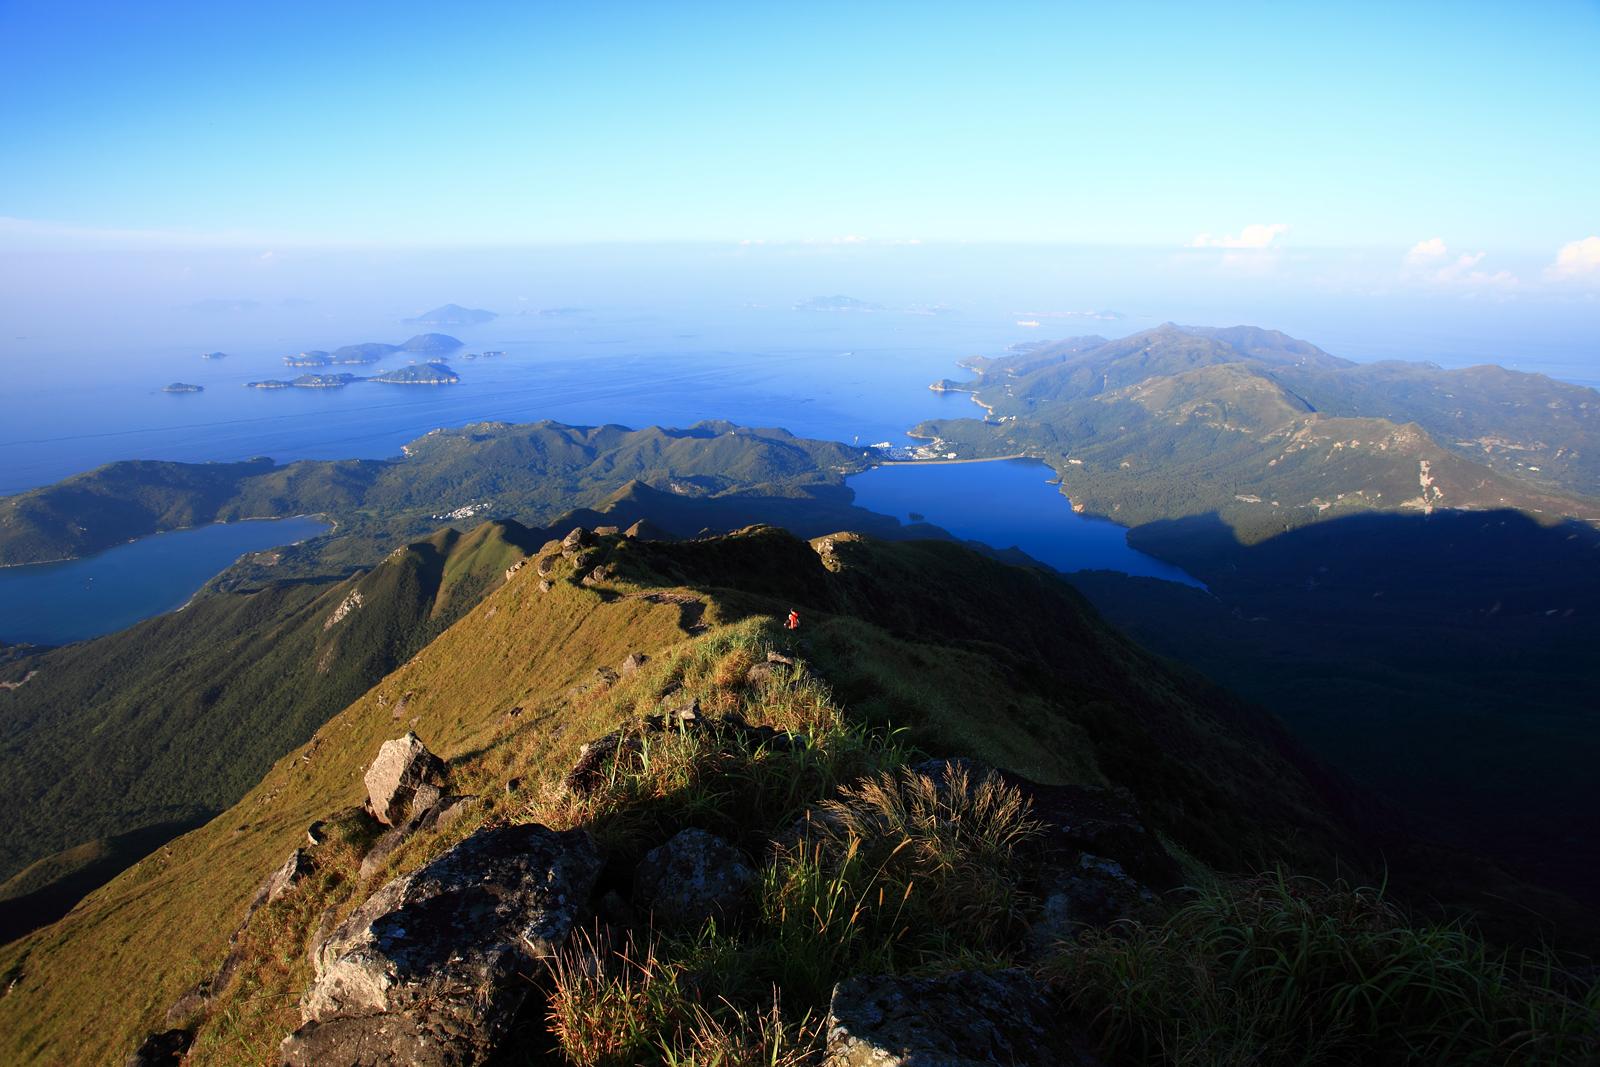 Lantau_Peak_view_to_Lantau_Island_South_201208.jpg